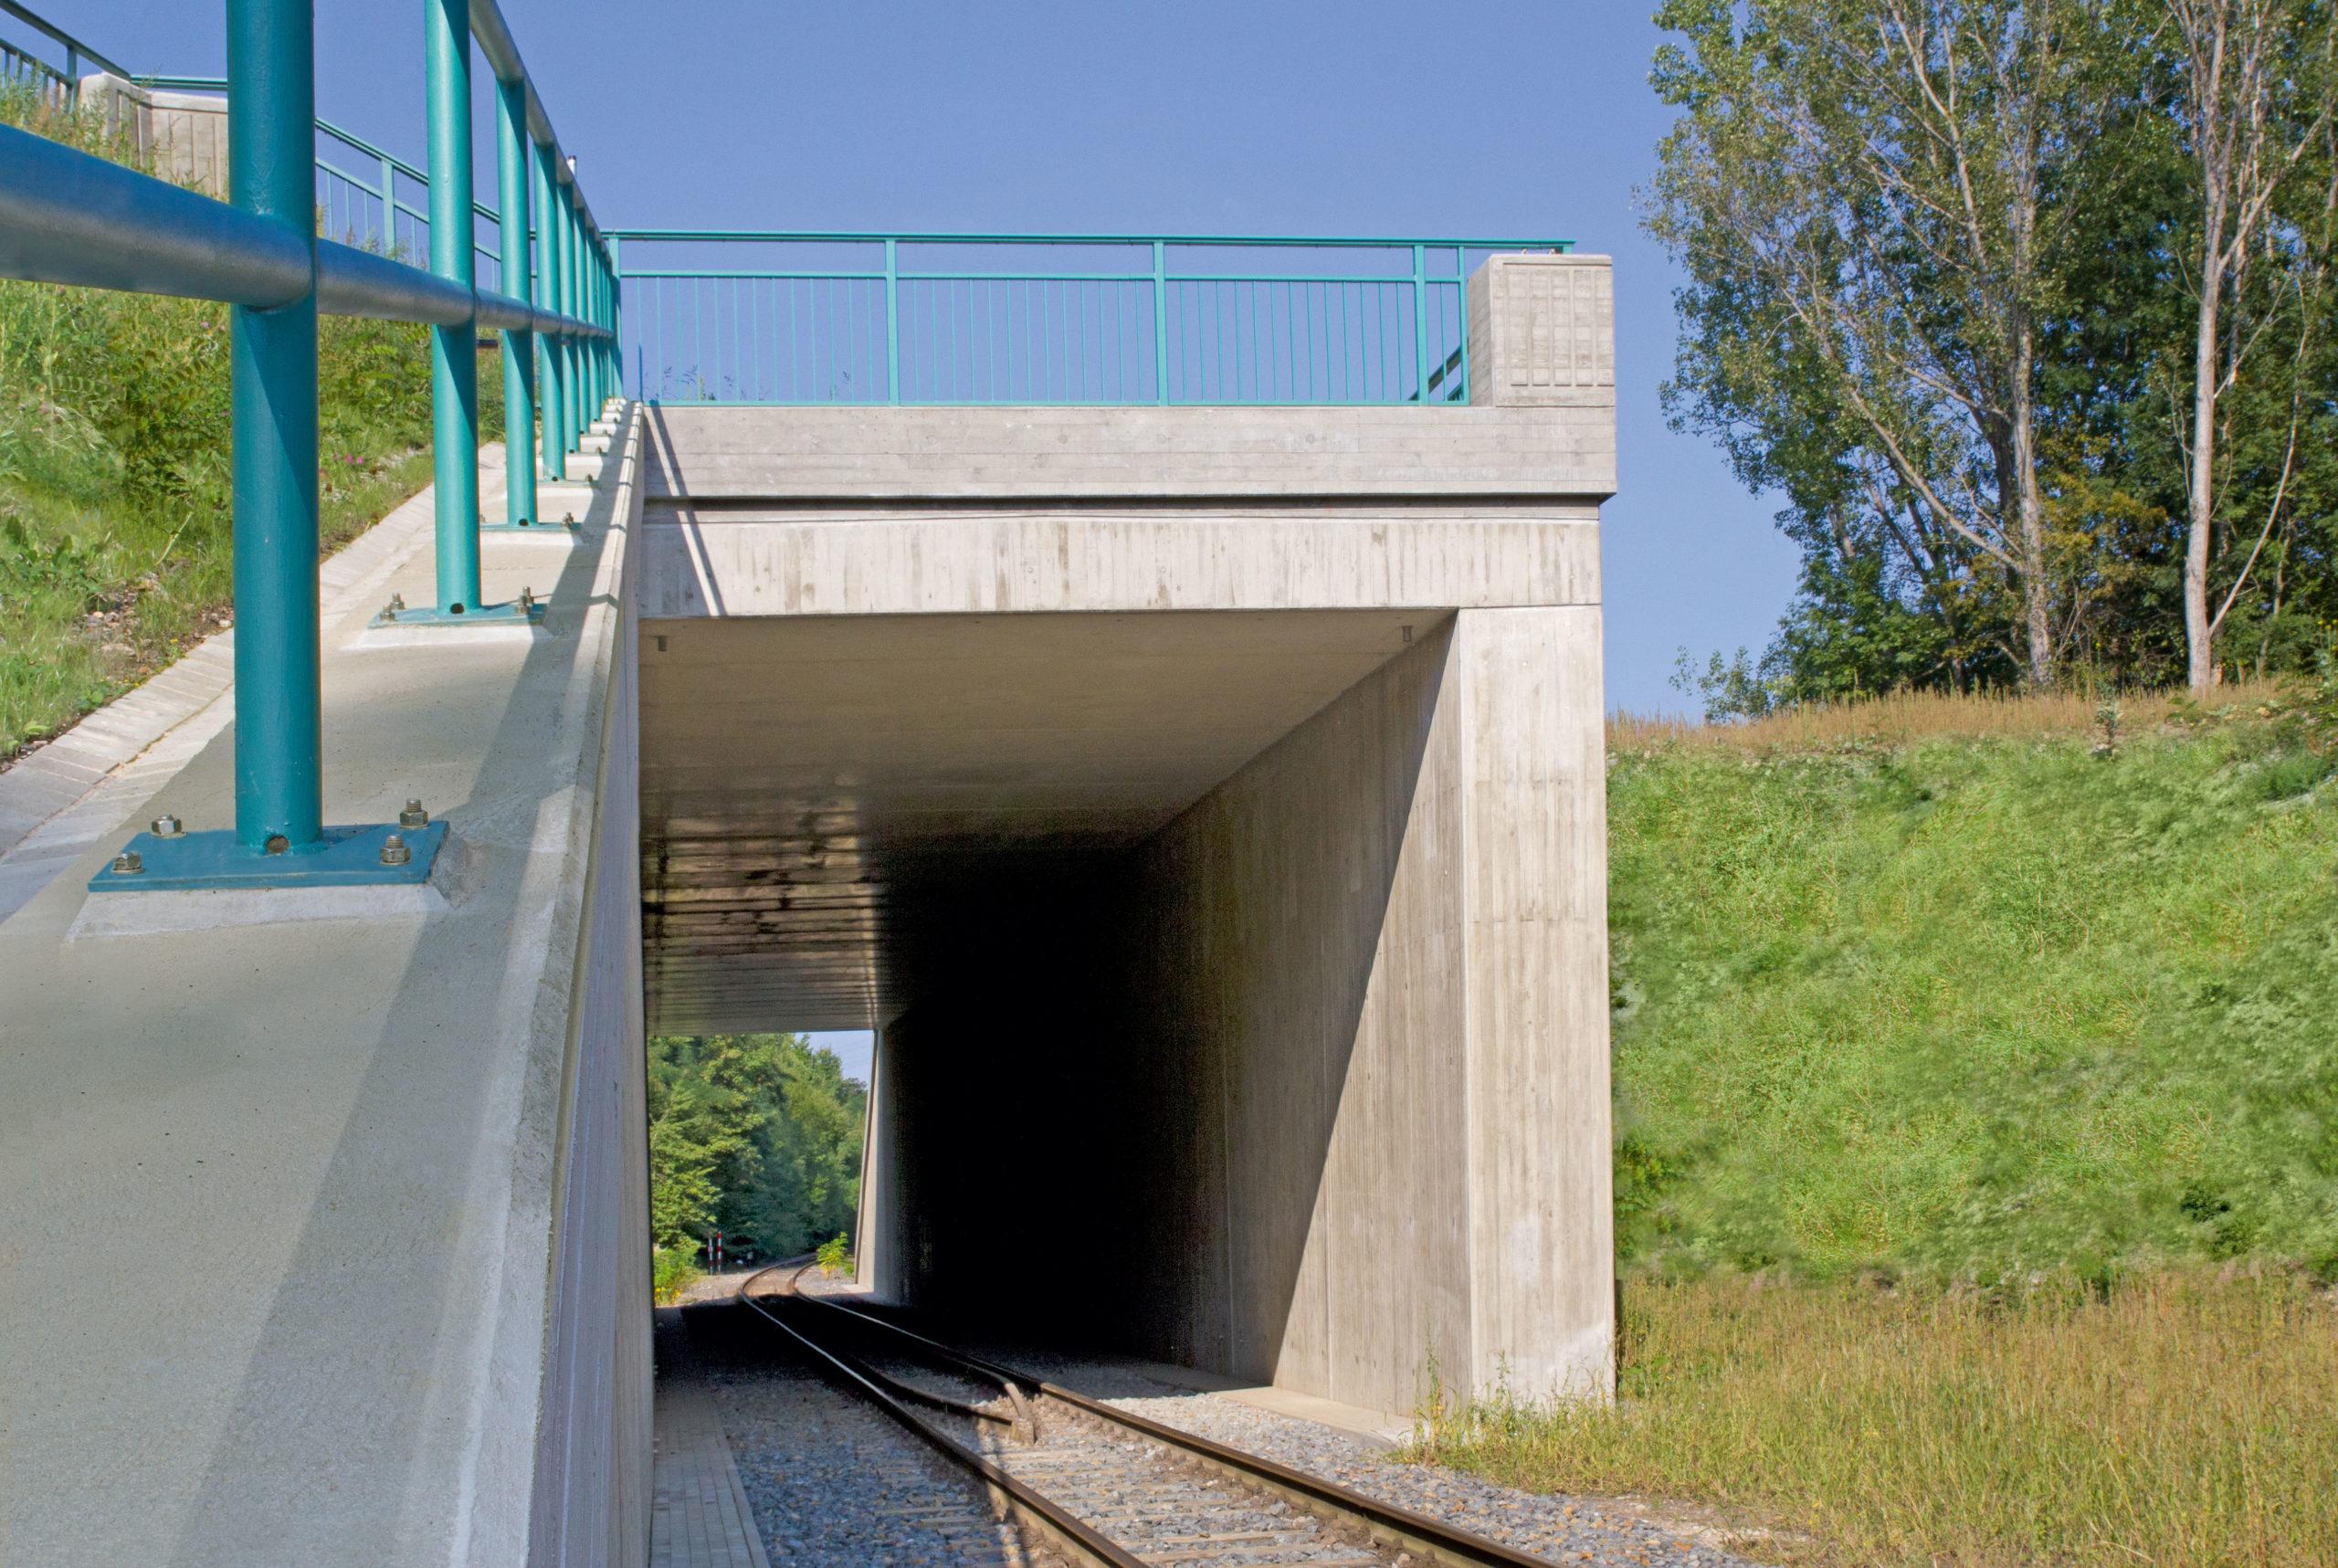 S 242 EspenhainBW 19 Brücke über die Werkbahn